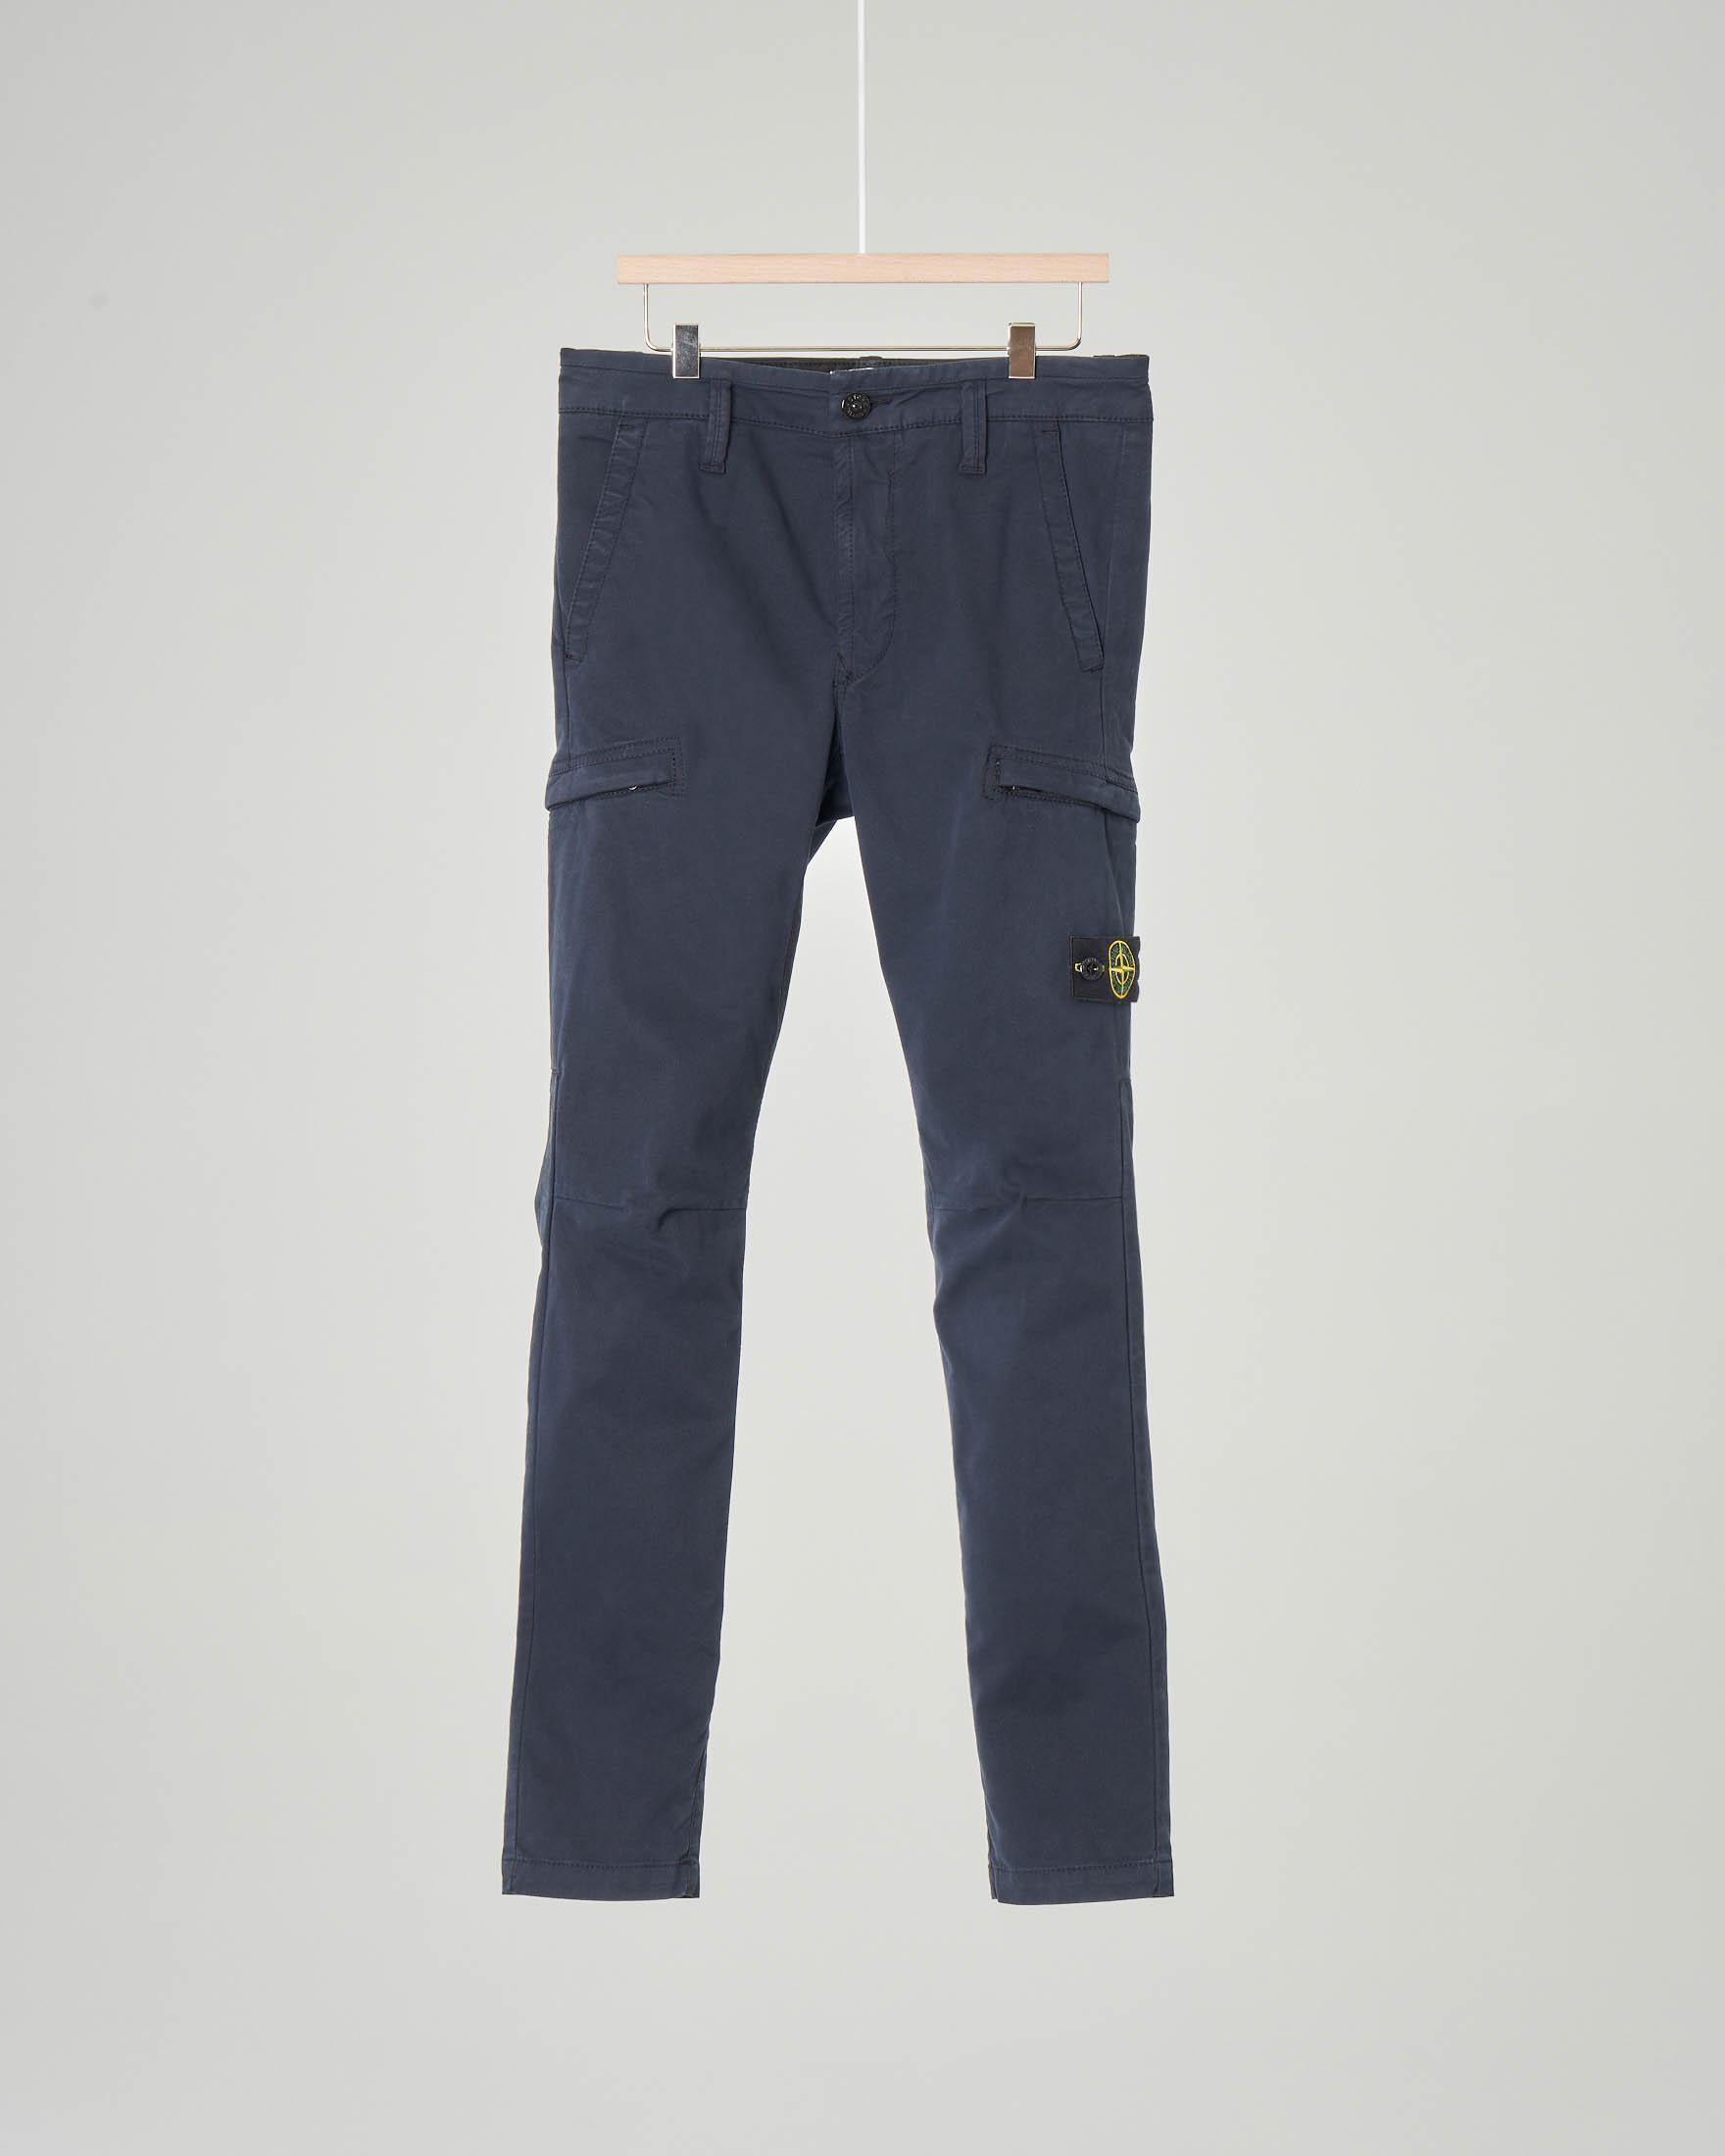 Pantalone blu cargo in cotone stretch 14 anni